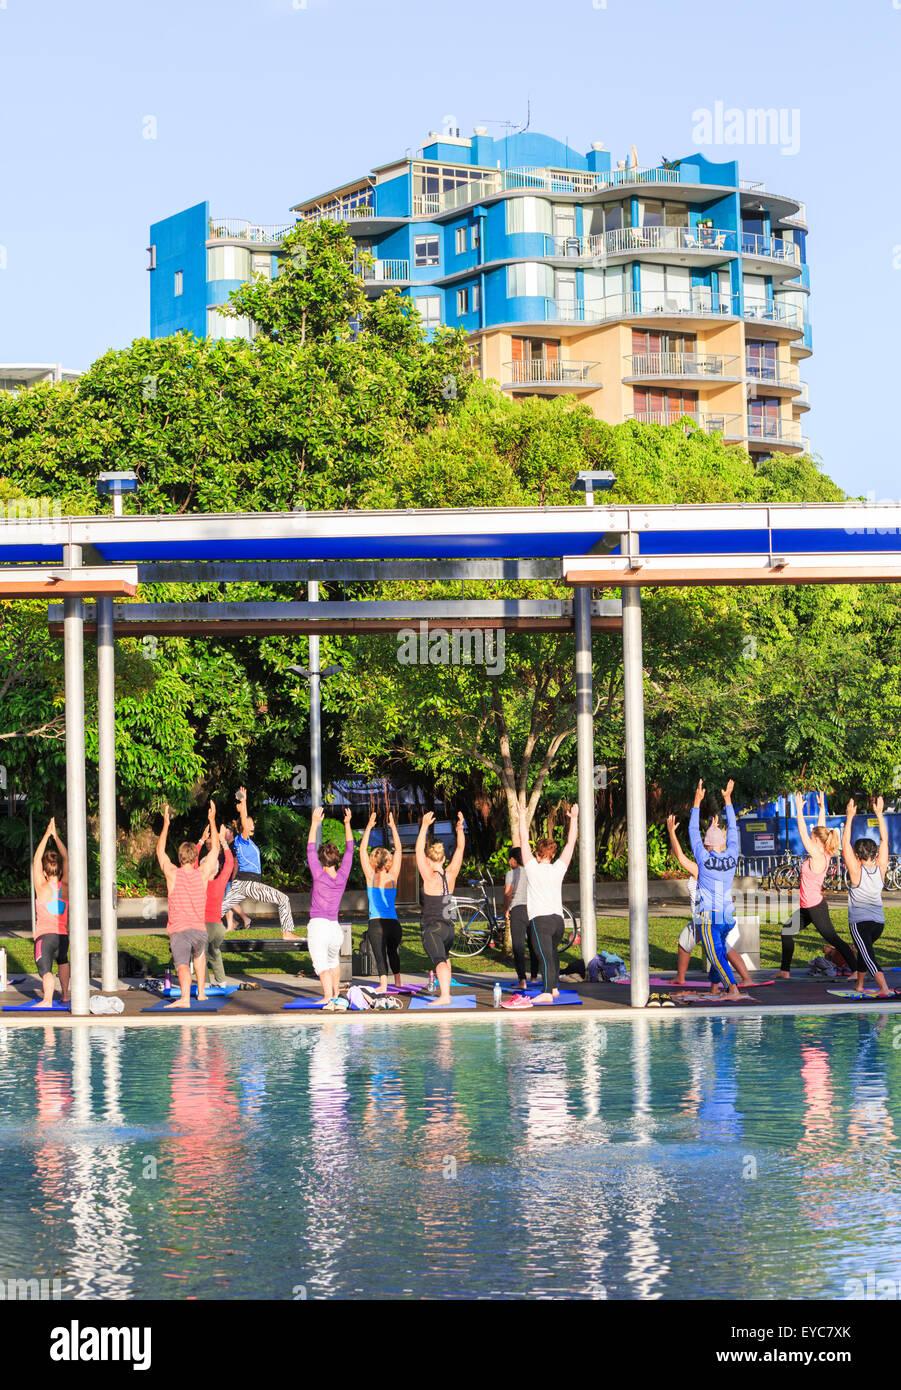 Un groupe mixte d'hommes et de femmes dans une classe de yoga à côté d'une piscine extérieure Photo Stock